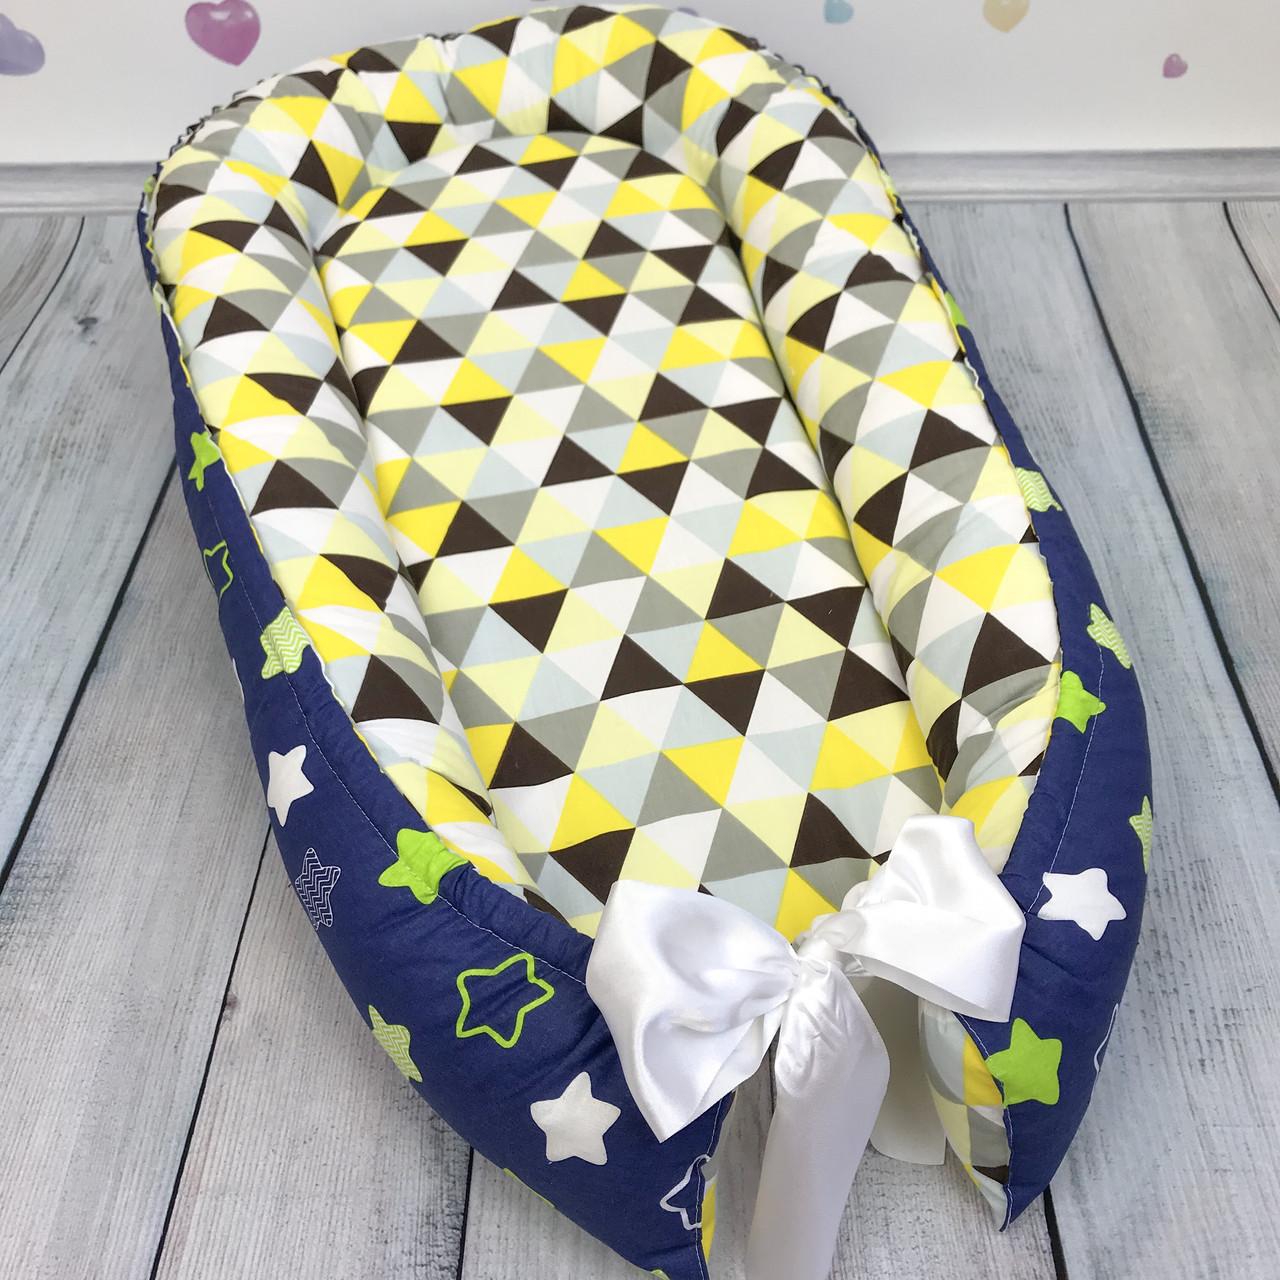 """Кокон-гнёздышко для новорожденного """"Треугольники и Звёзды"""" с поролоновым матрасом"""